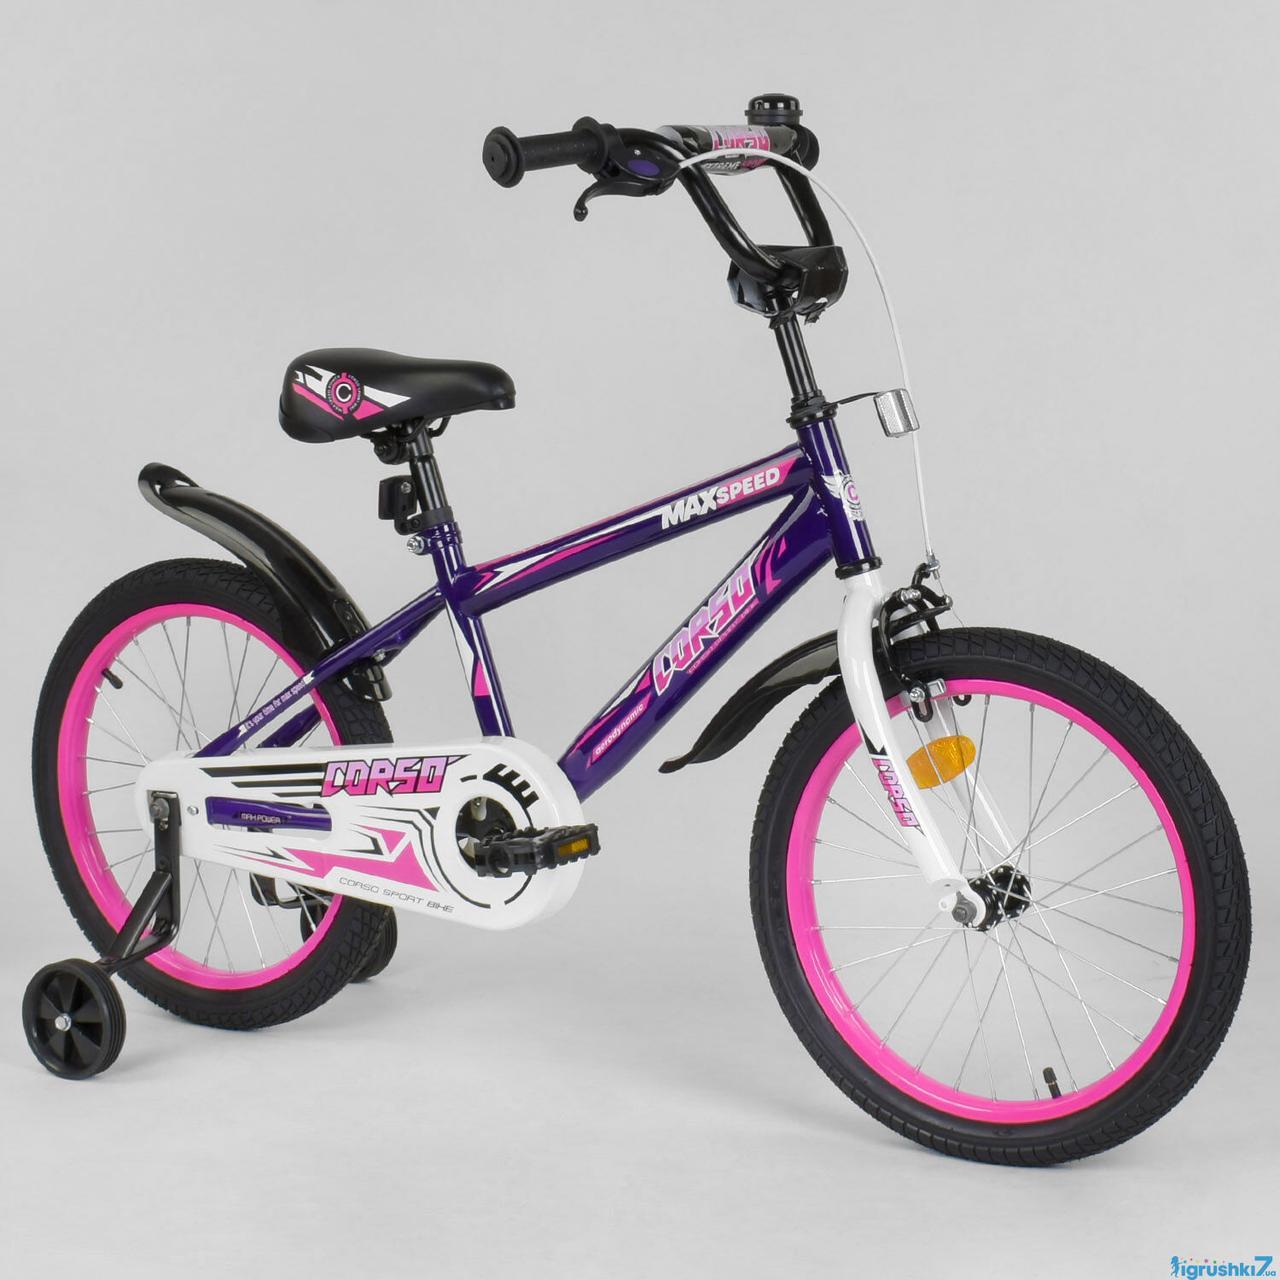 Двоколісний дитячий велосипед 18 дюймів CORSO EX-18 N 2203 фіолетовий